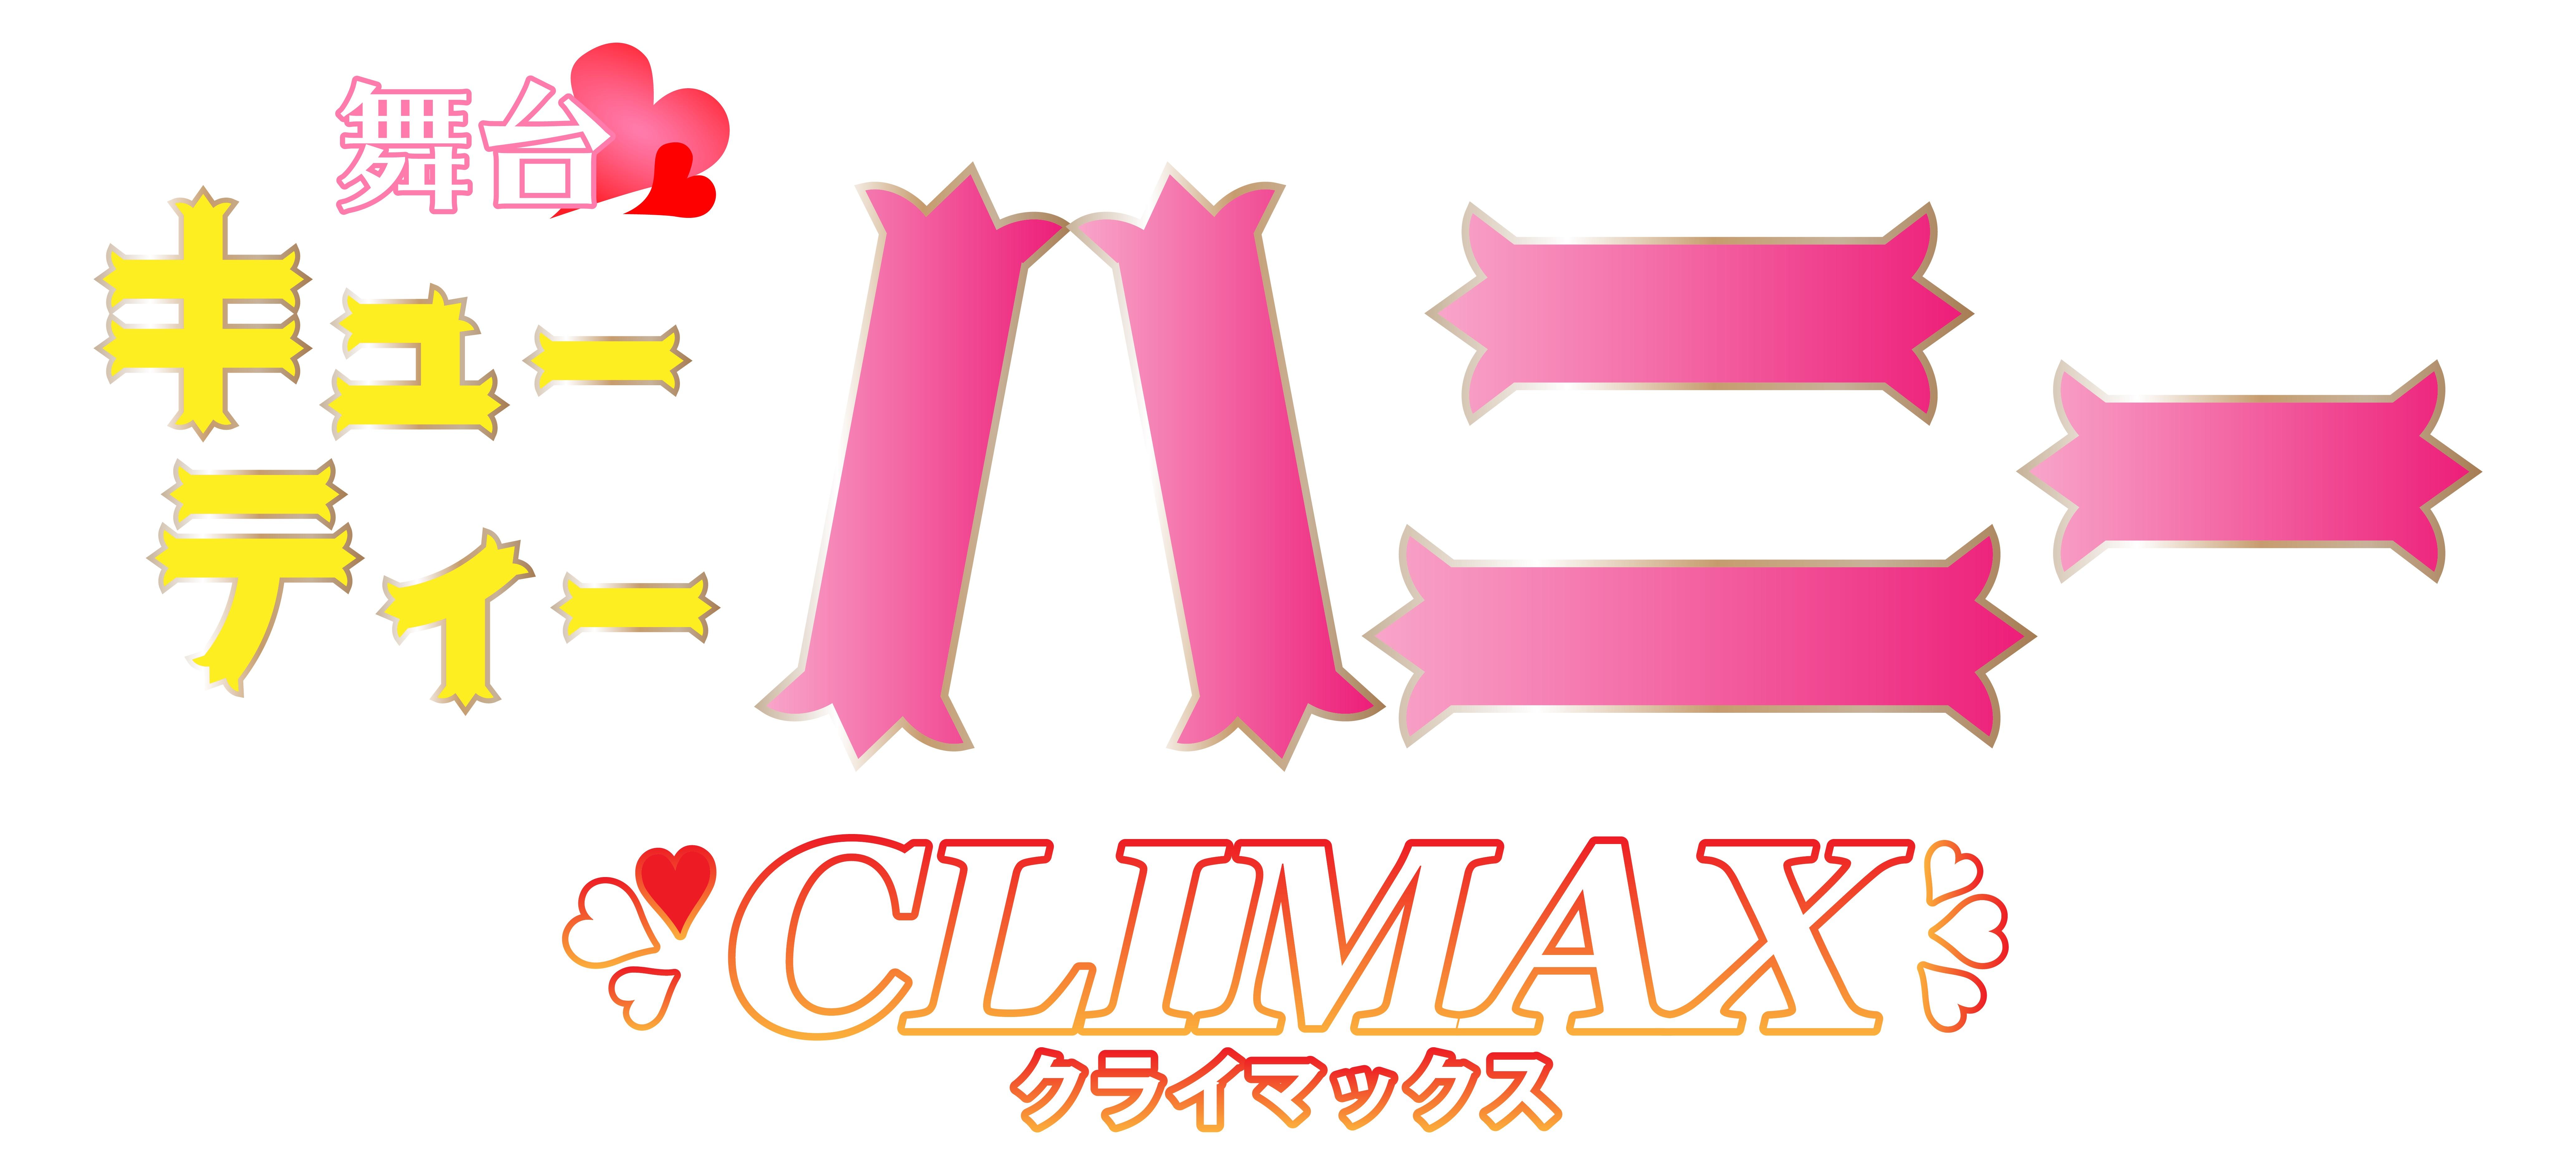 ©永井豪/ダイナミック企画・舞台「Cutie Honey Climax」製作委員会